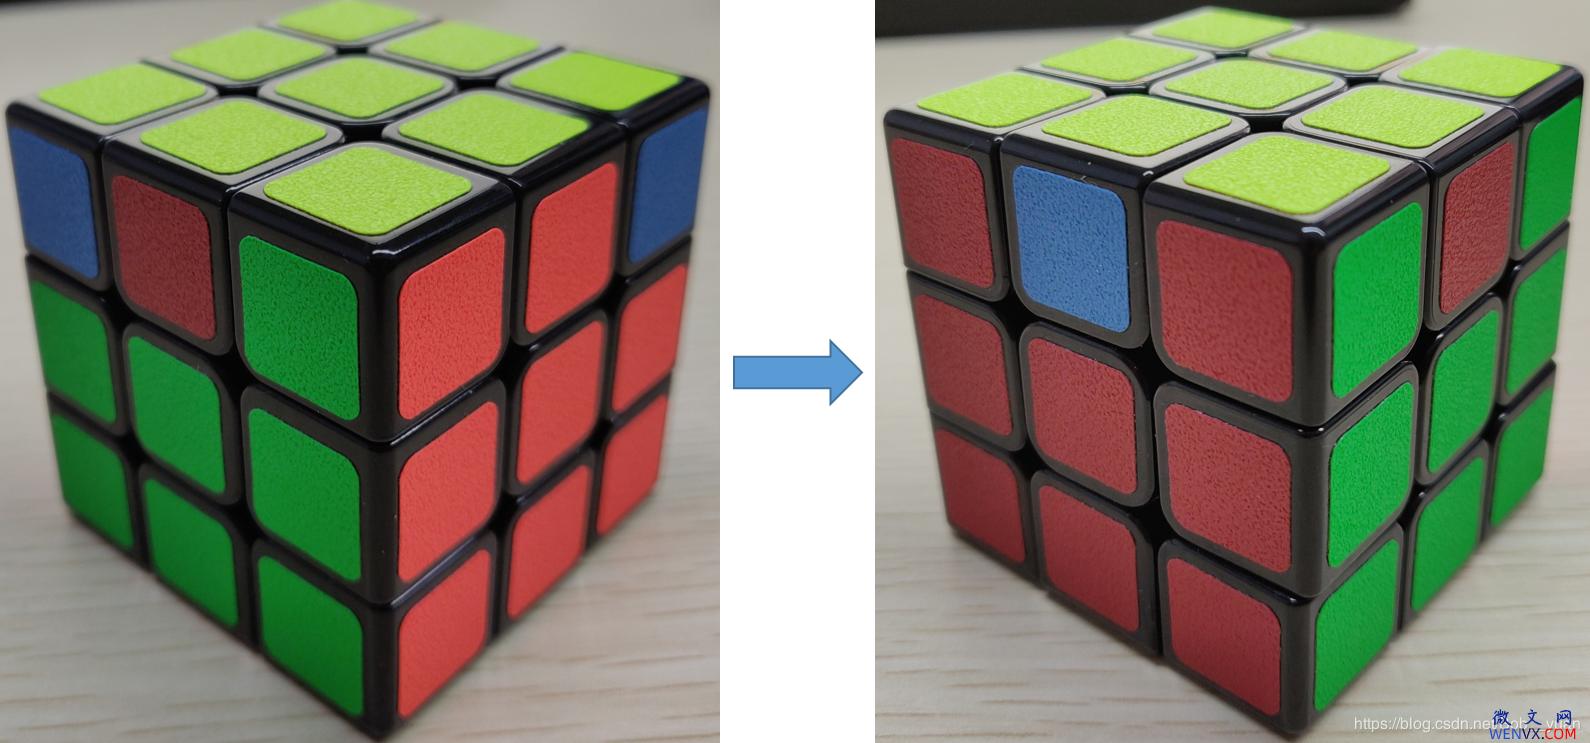 六面正方体三阶魔方7步还原法详解 第12张